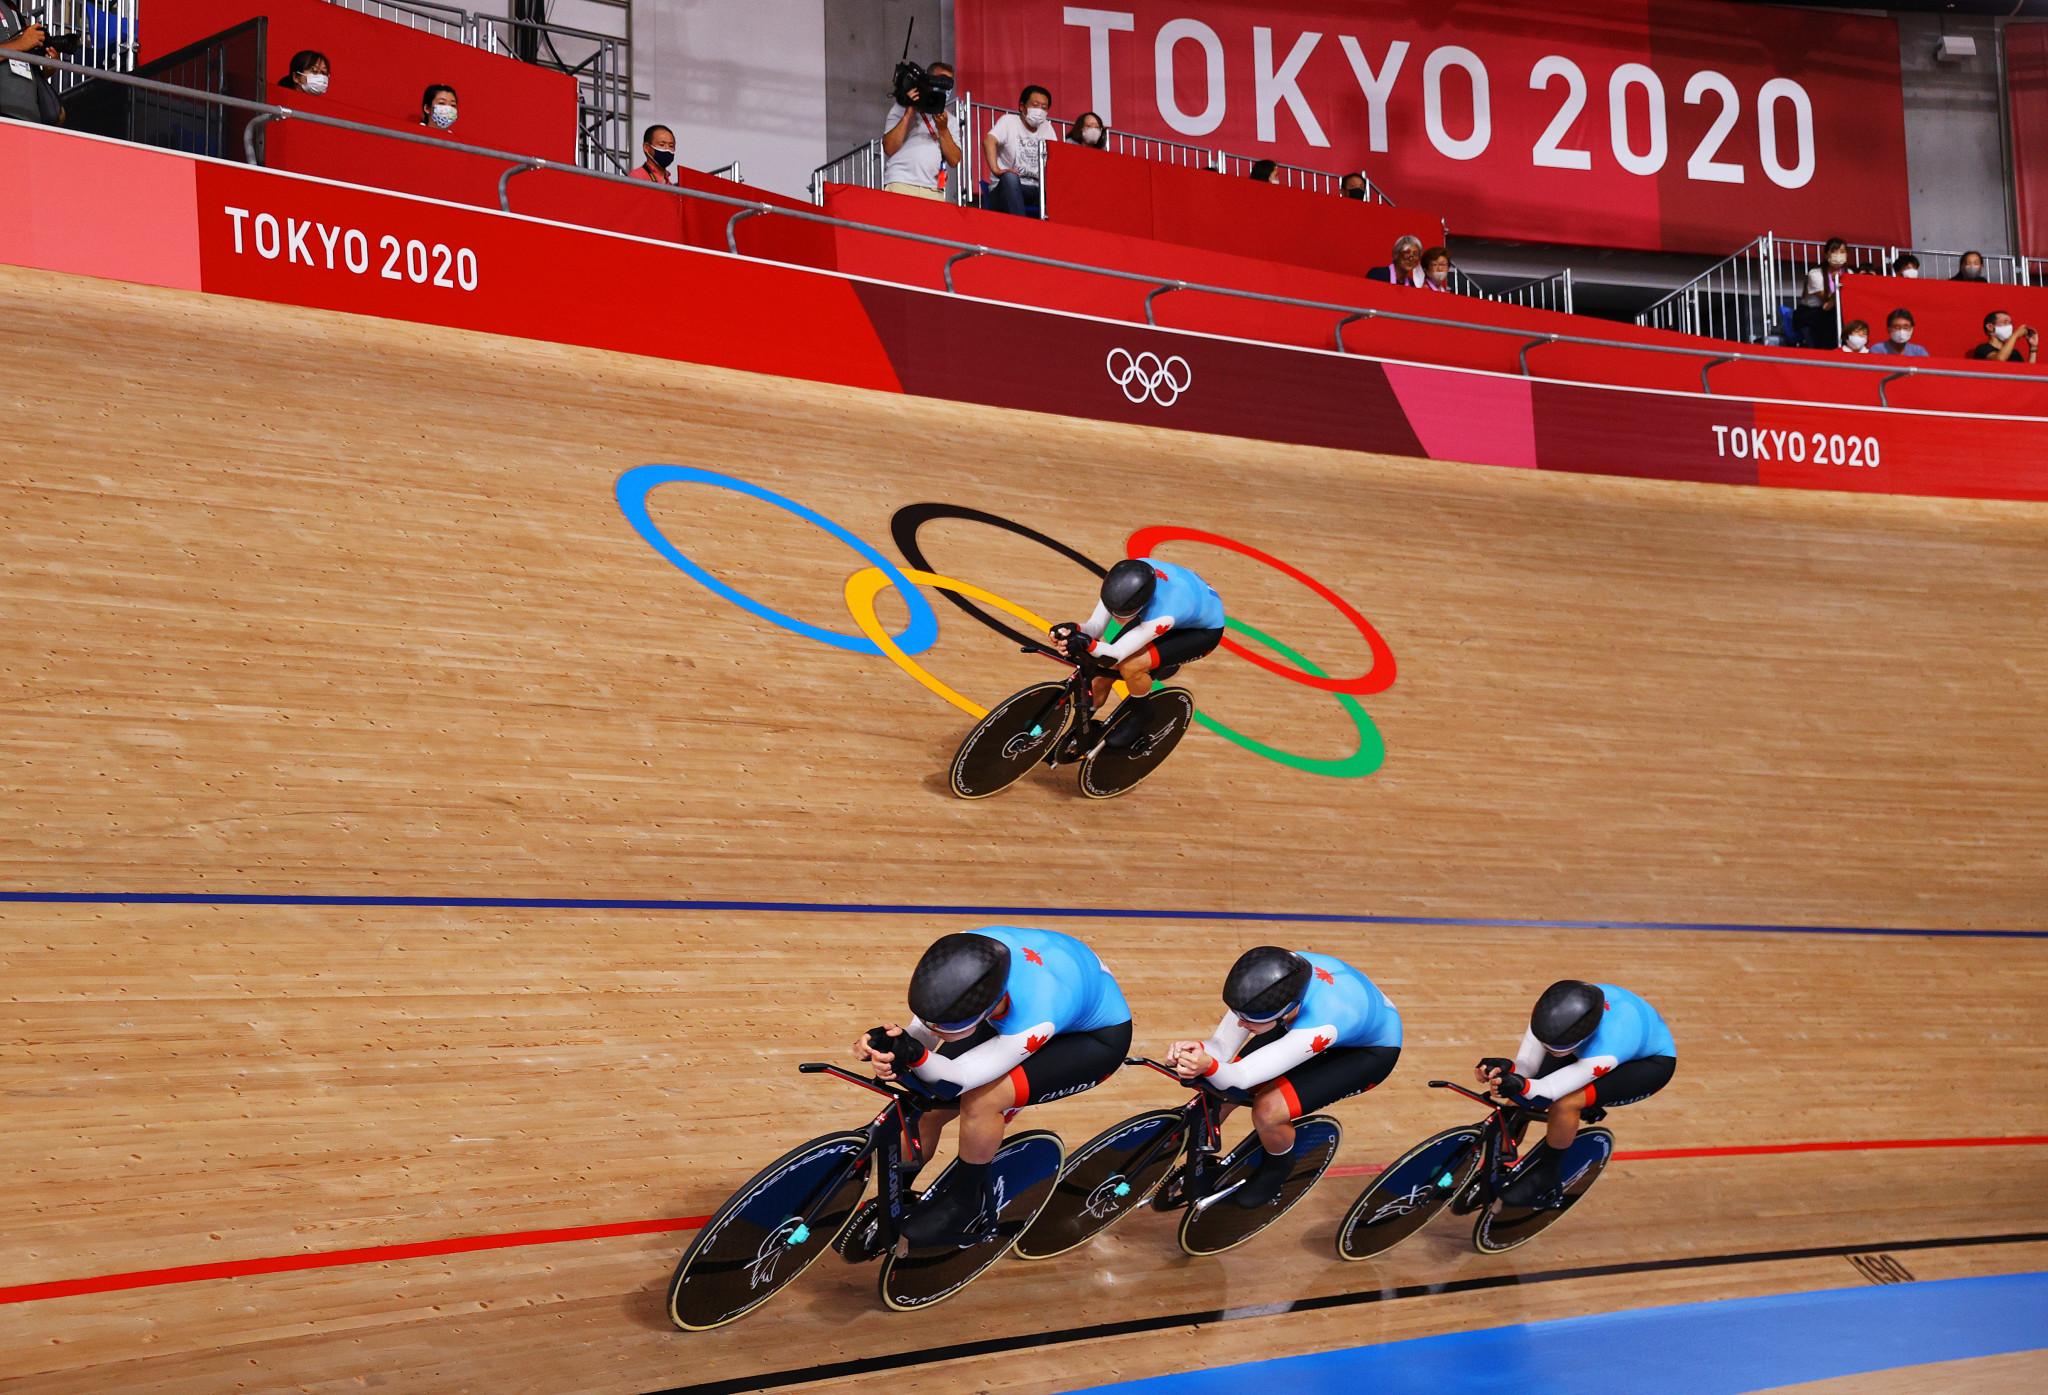 Le quatuor canadien pourchassant l'équipe féminine a terminé quatrième à Tokyo 2020 © Getty Images